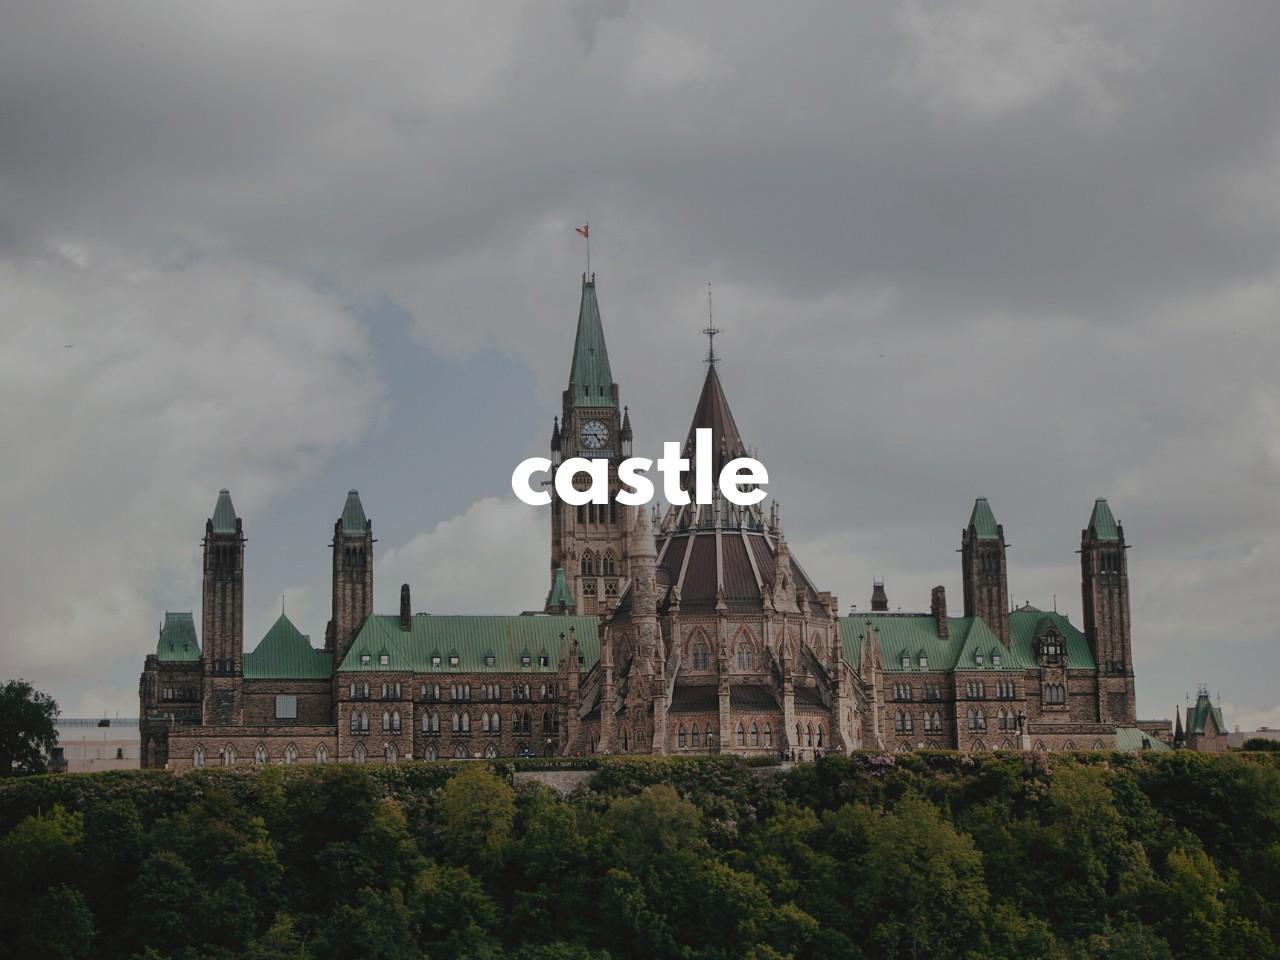 castle : 城